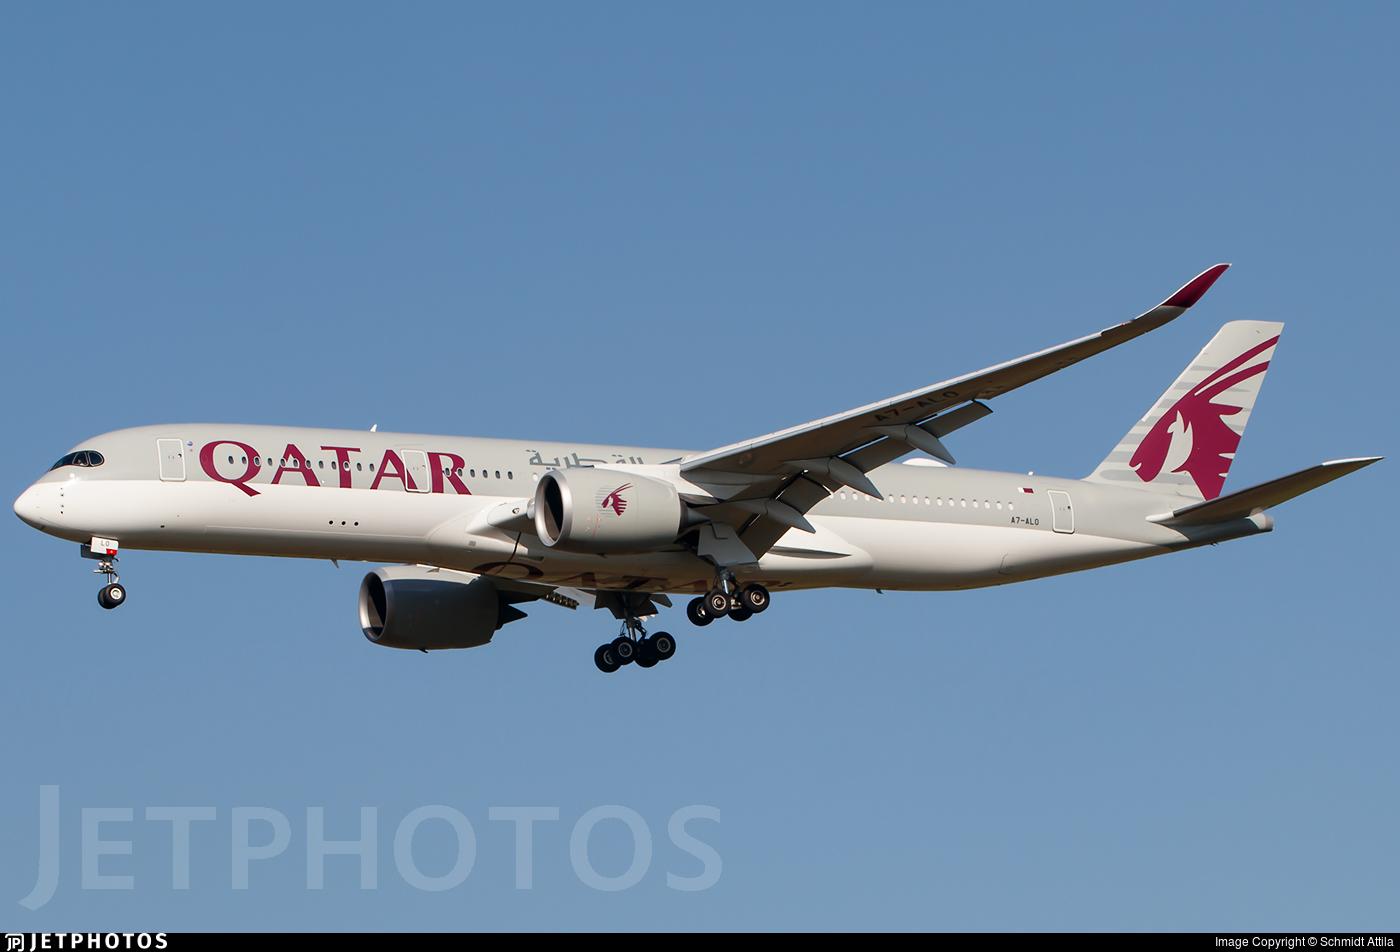 A7-ALO - Airbus A350-941 - Qatar Airways